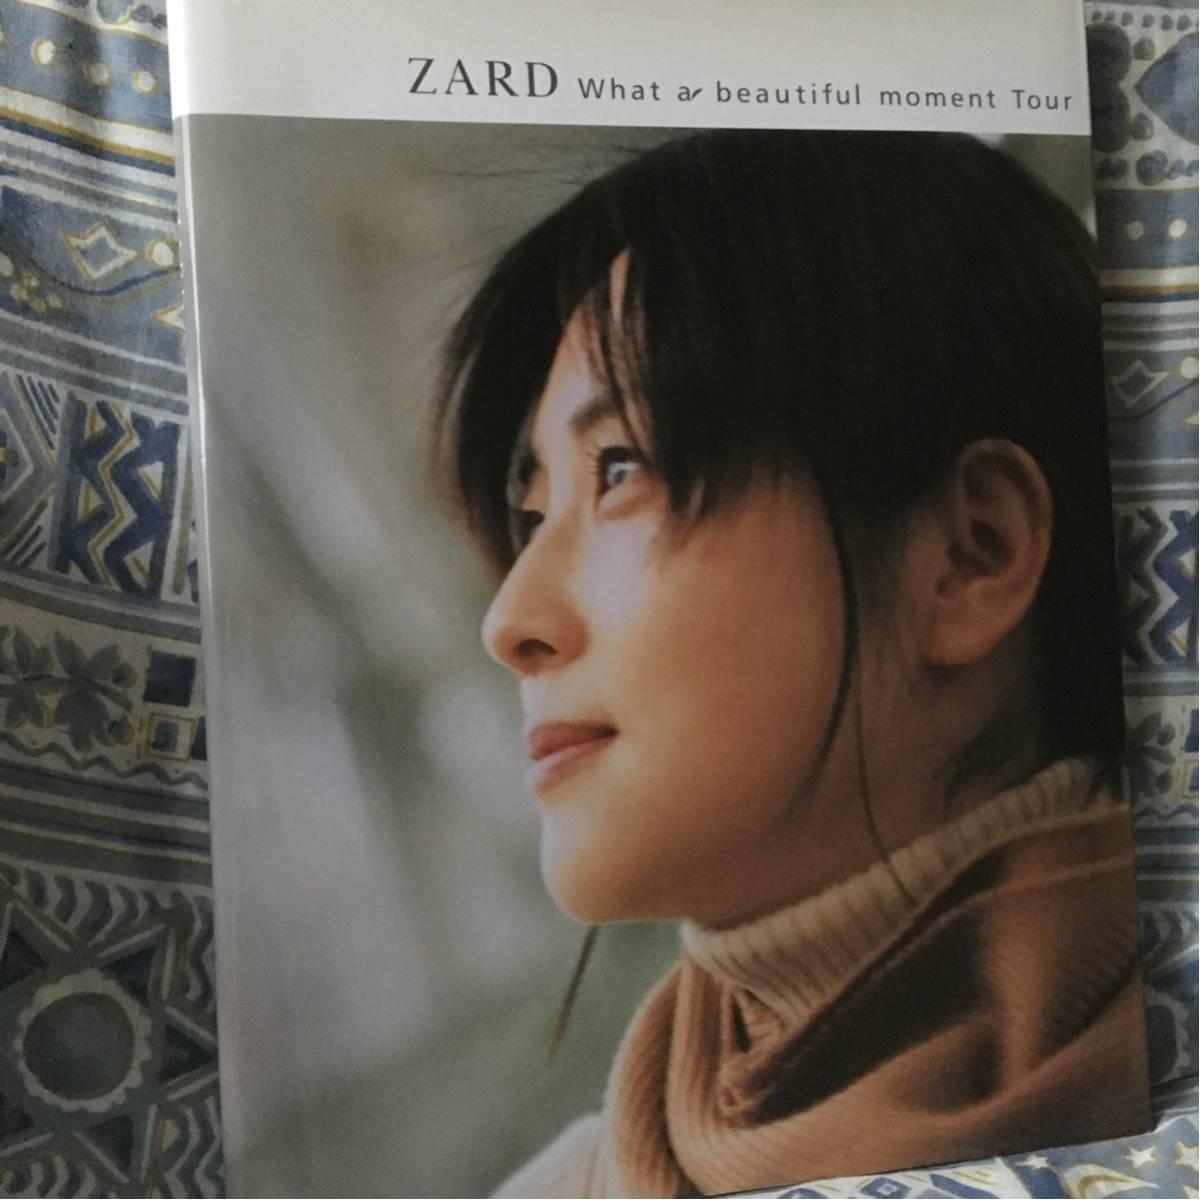 @2004年 ZARD ライブ写真集 /what a beautiful moment TOUR 坂井泉水@ ライブグッズの画像